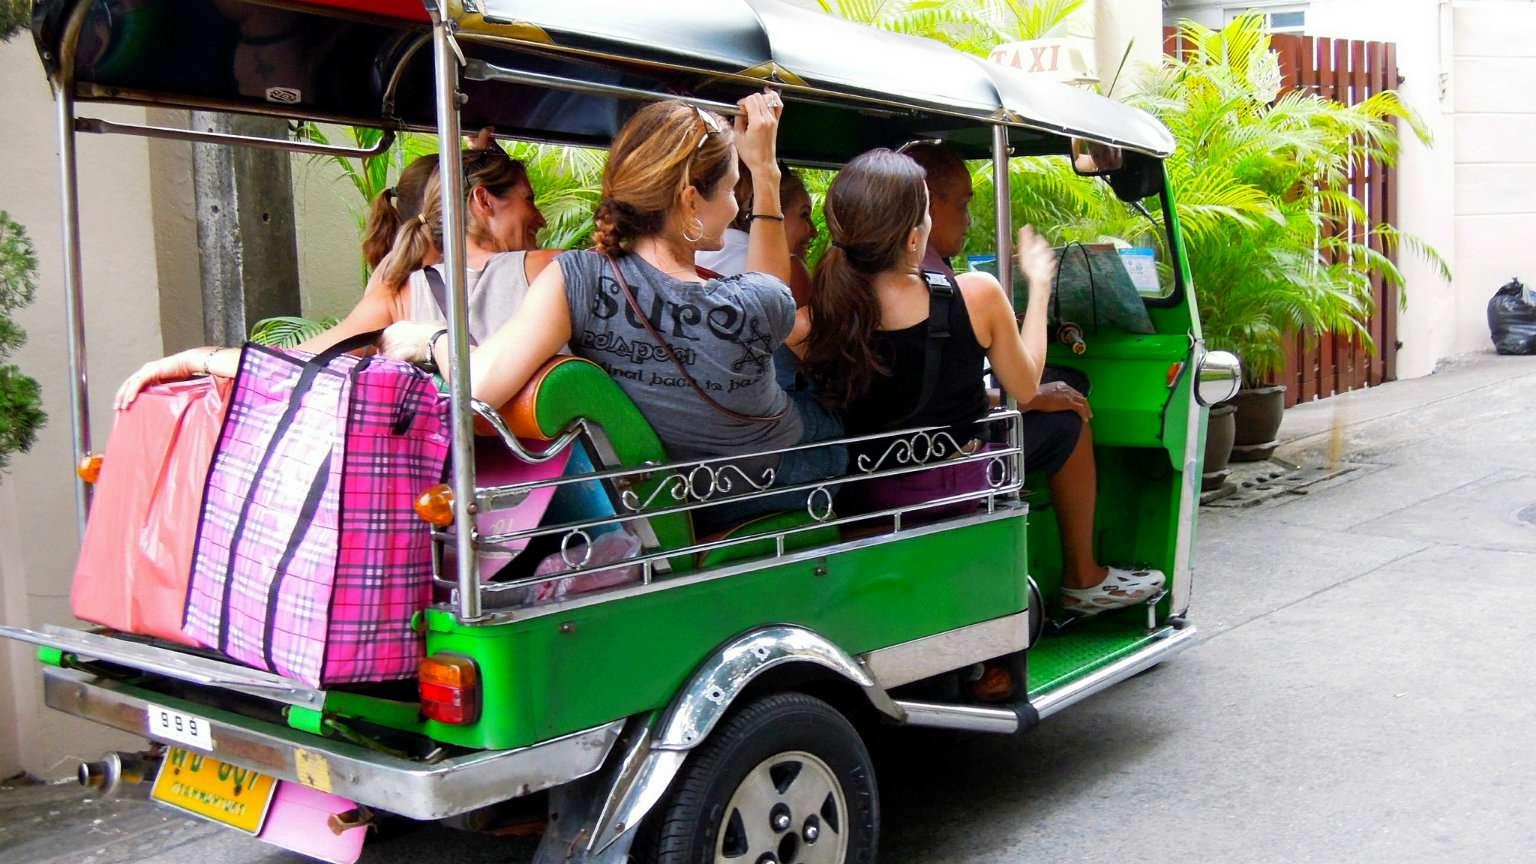 5 meiden met een Tuk Tuk bestuurder in één groene Tuk Tuk gepropt.